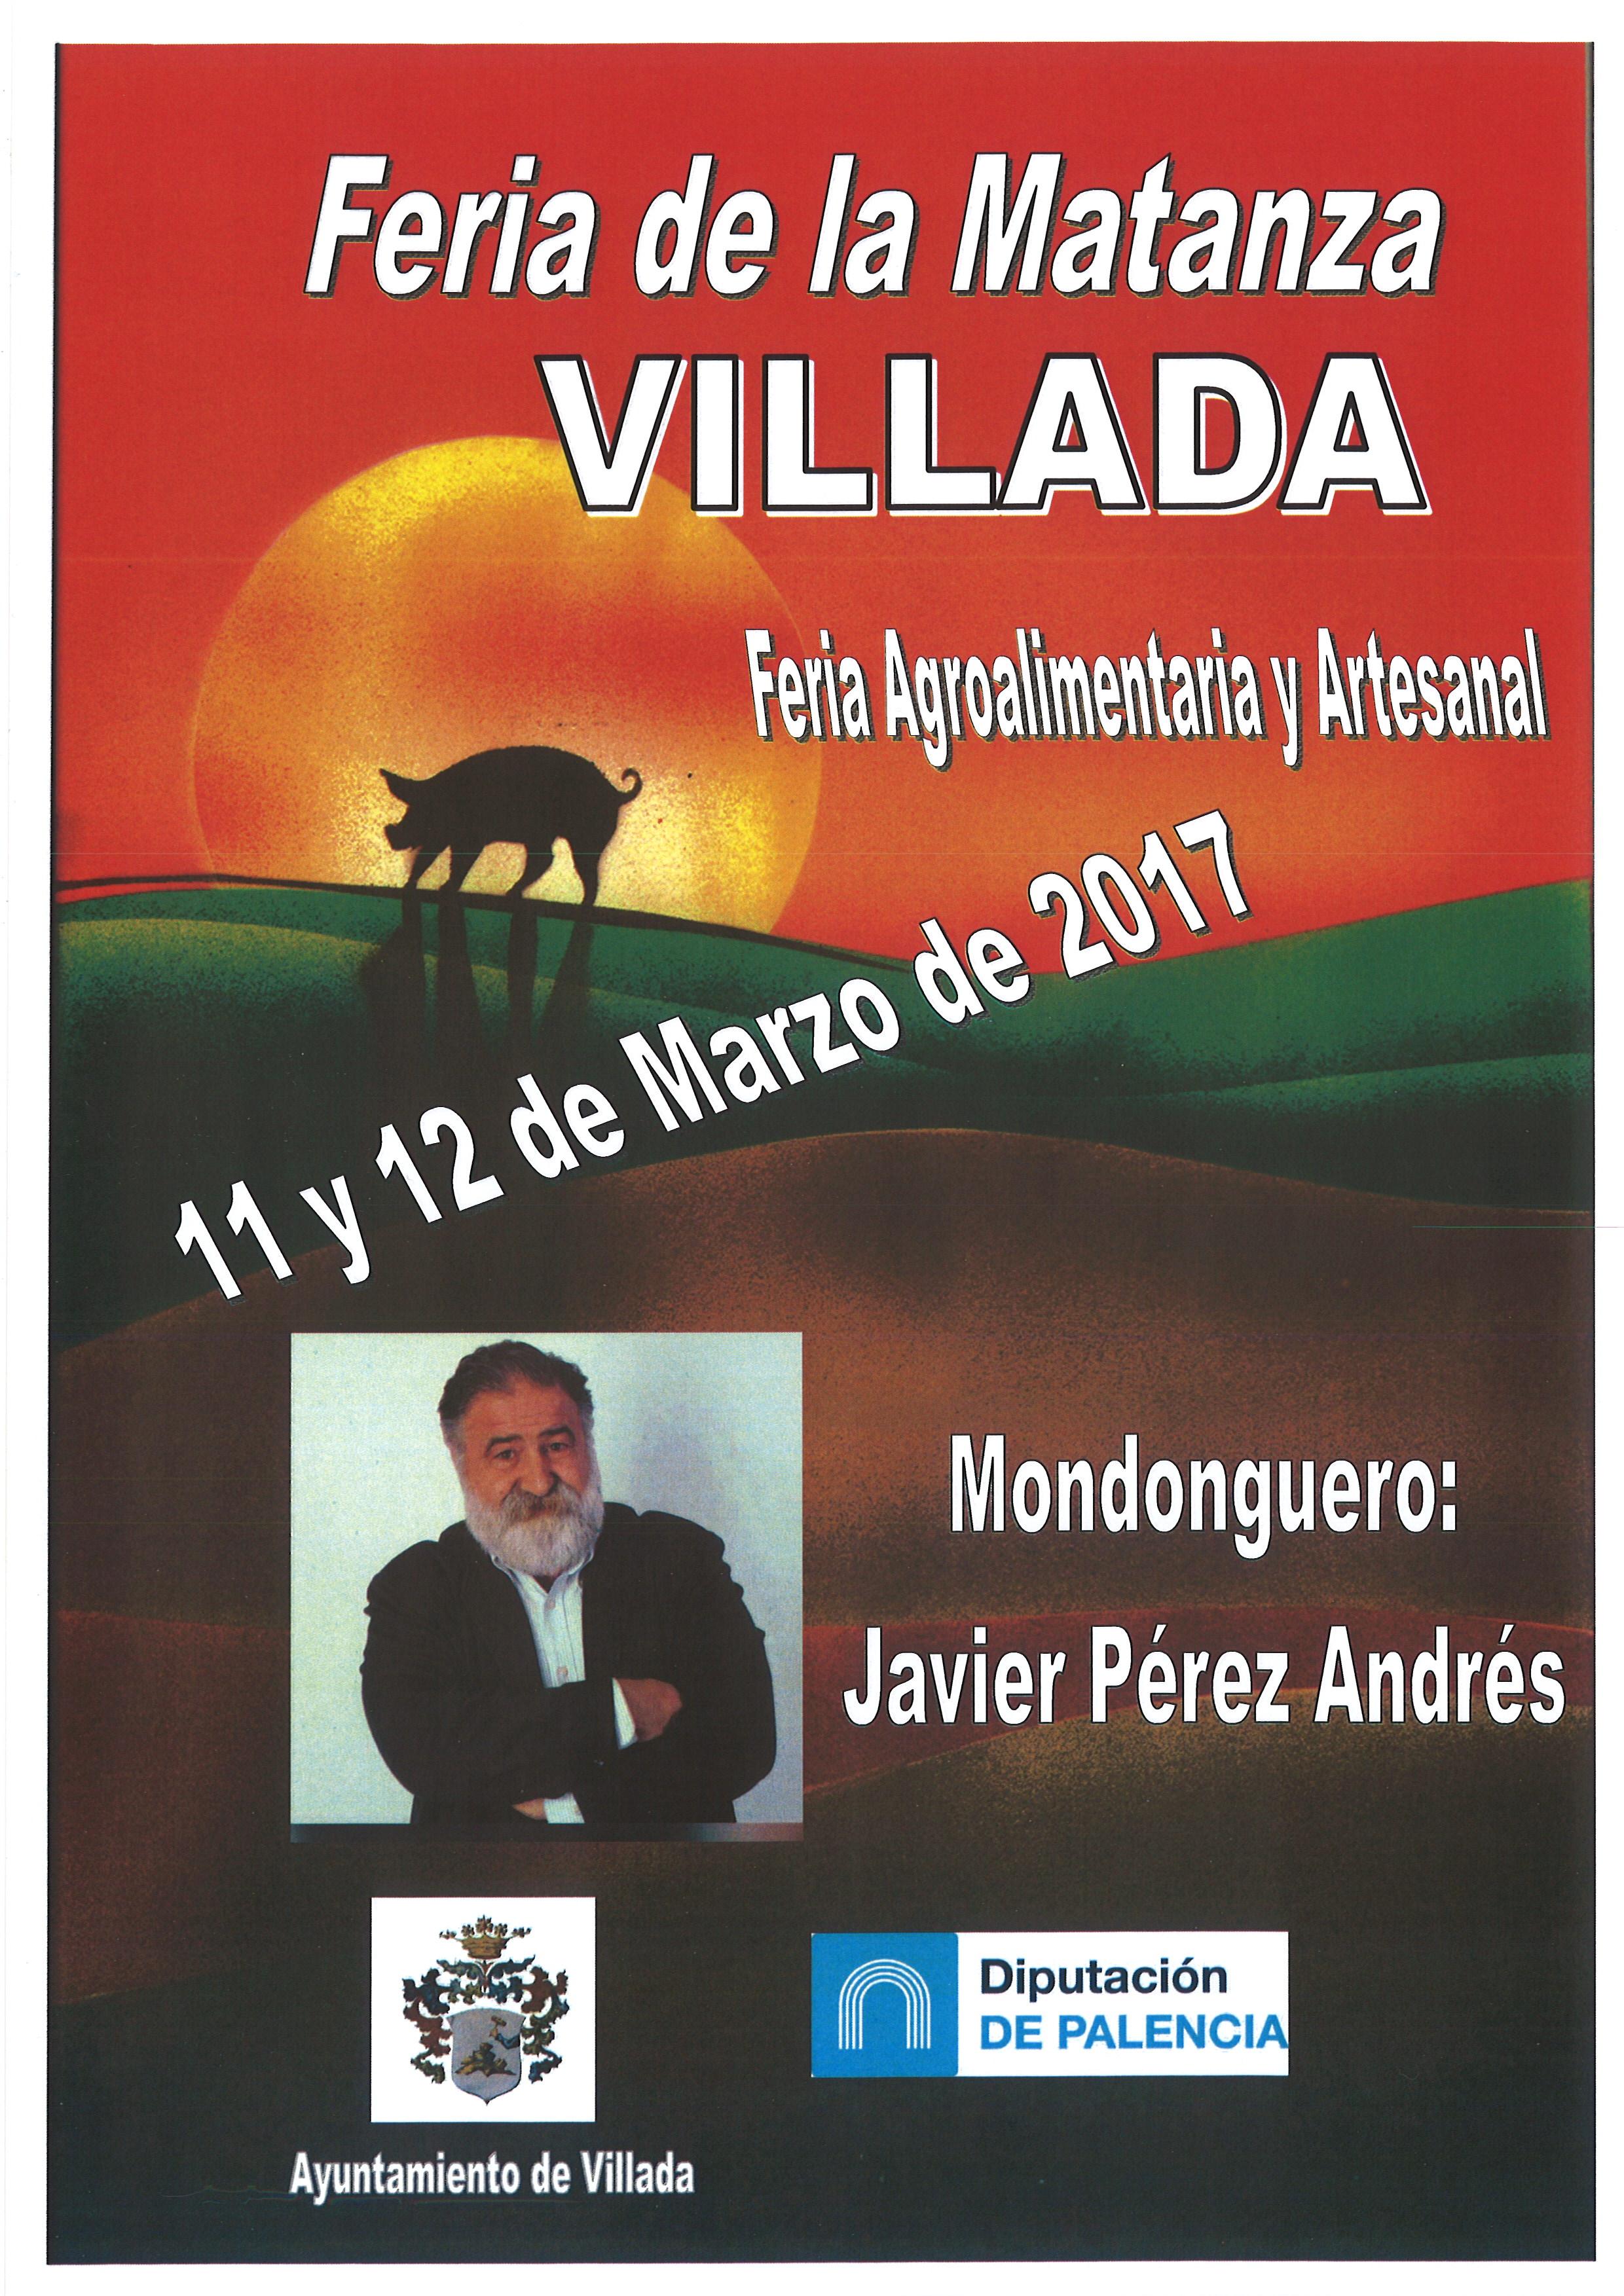 Feria de la Matanza 2017. 11 y 12 de Marzo.